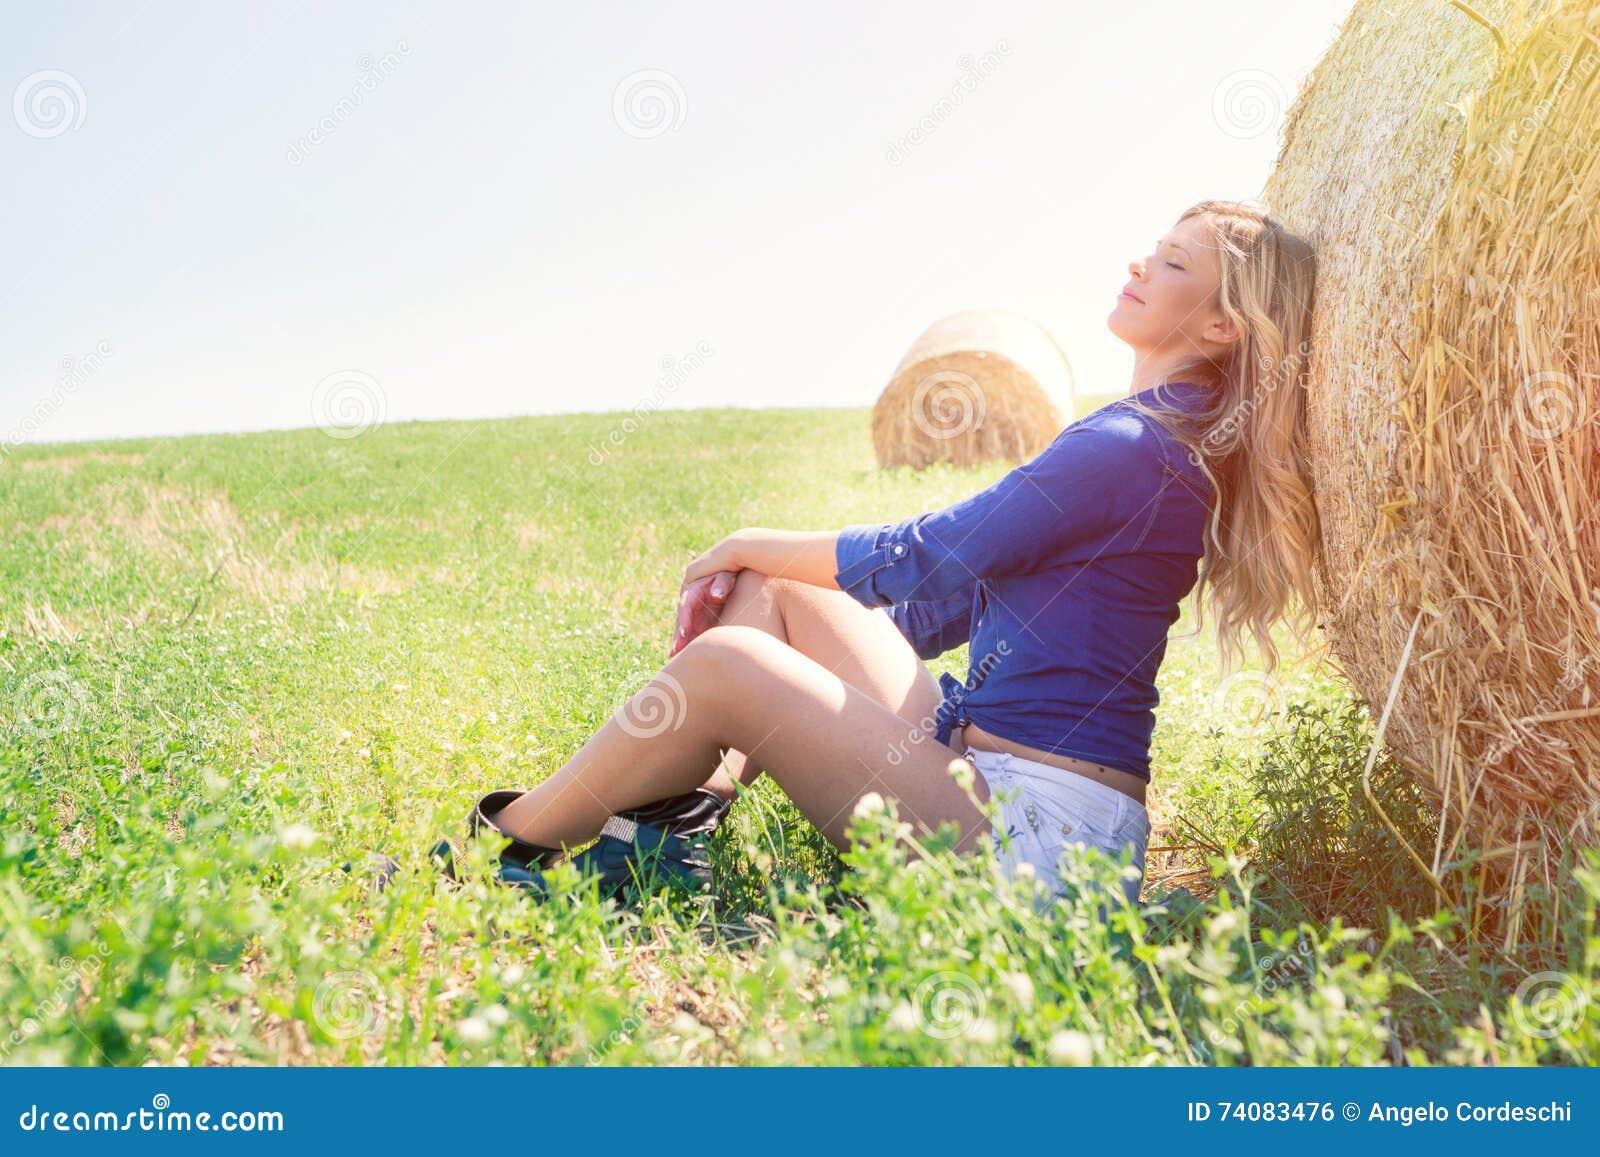 Κορίτσι χώρας Φυσική ξανθή γυναίκα, αρμονία στη φύση